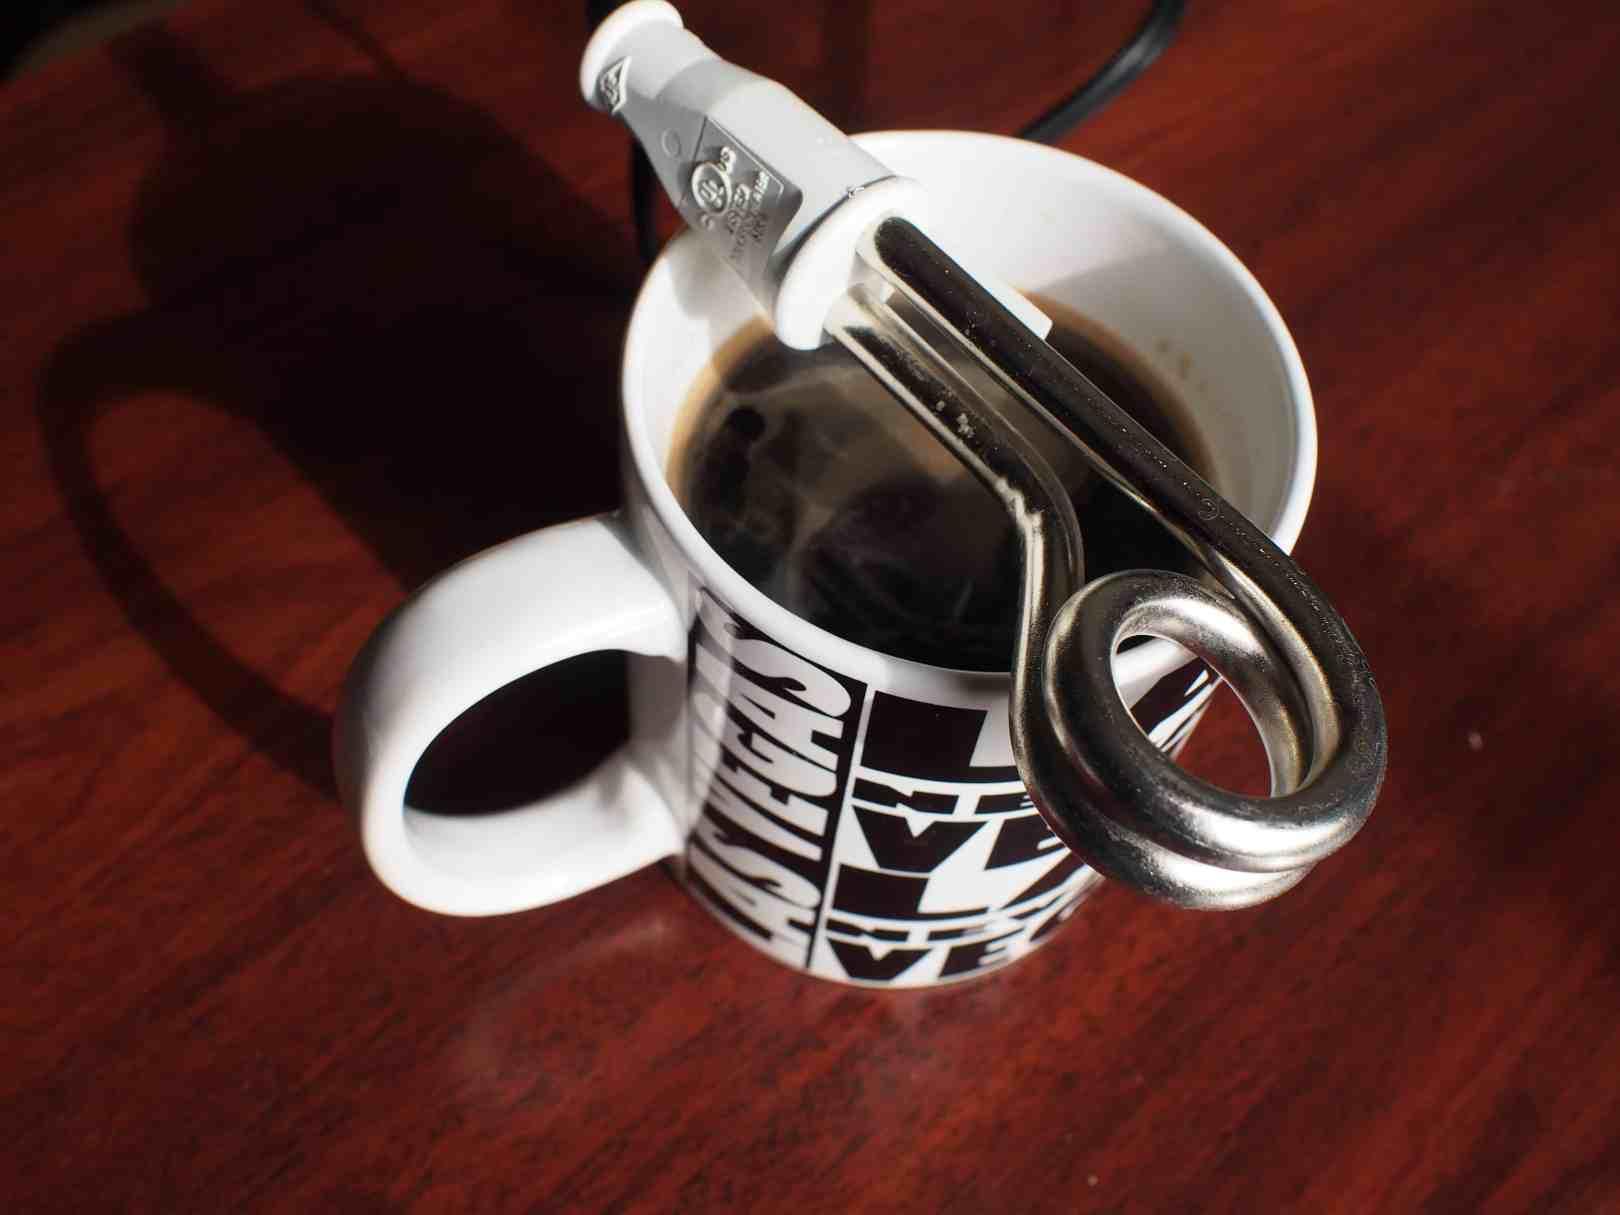 Chauffe-eau sur tasse de café voyage